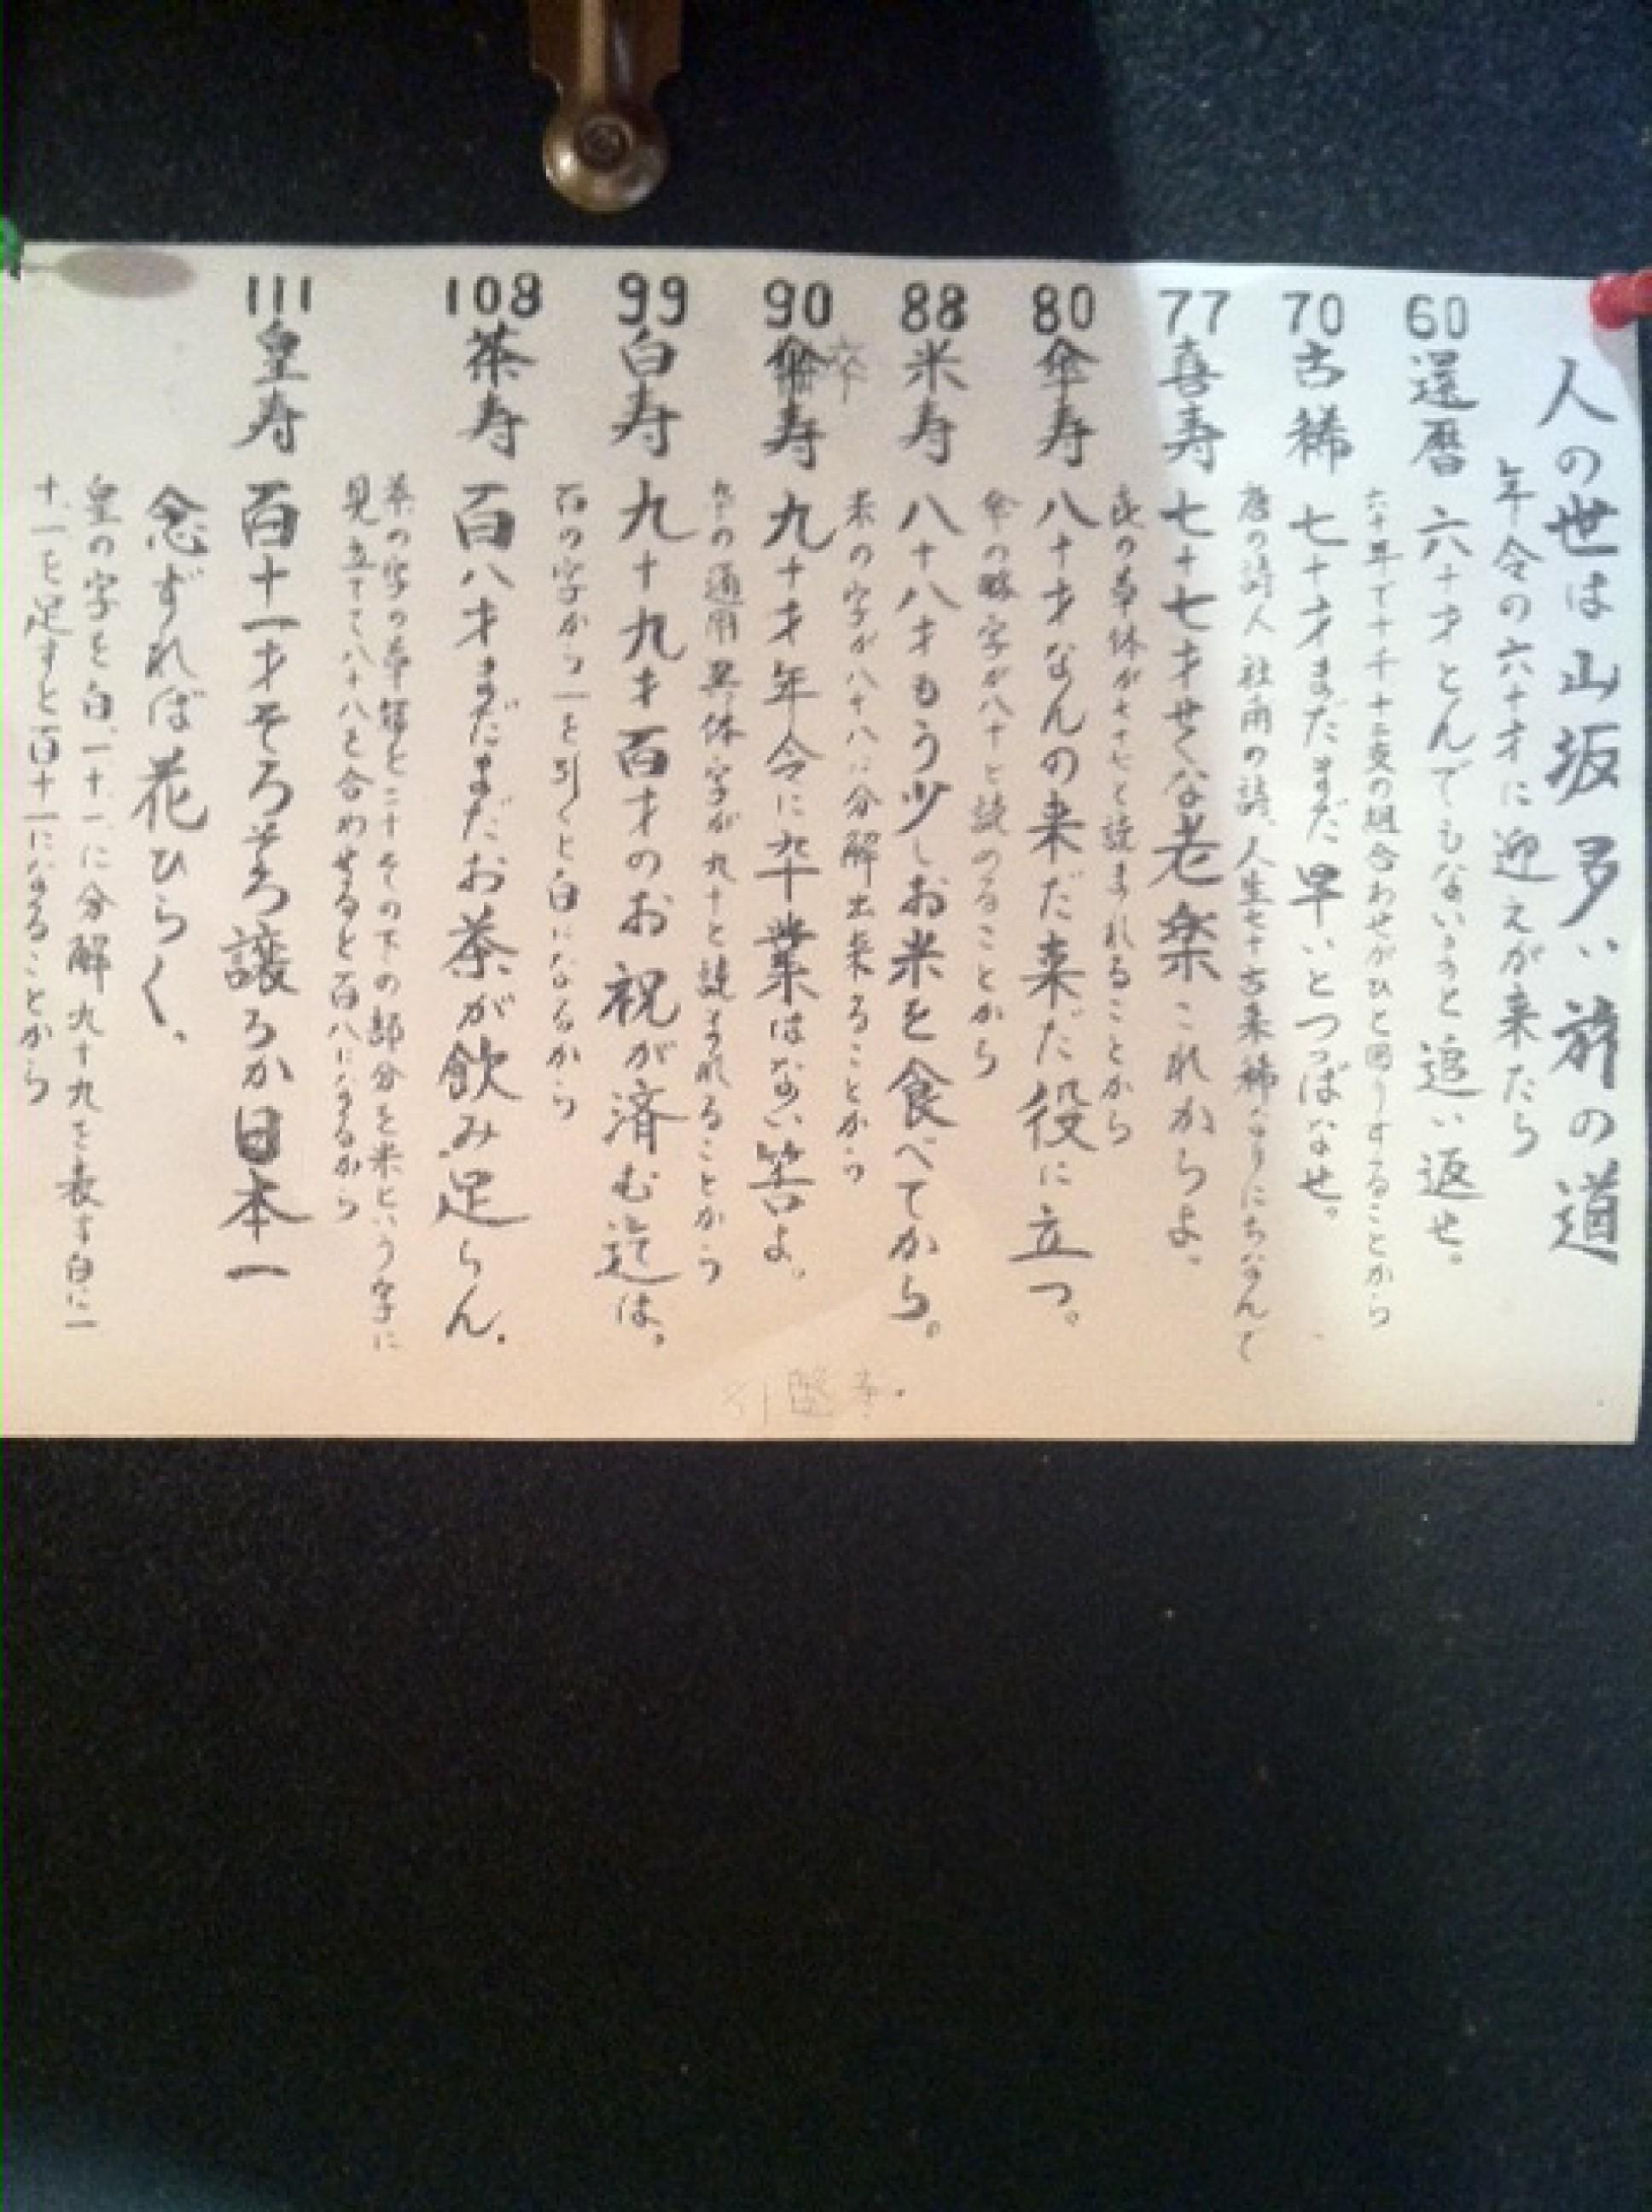 moblog_f0241a1e.jpg